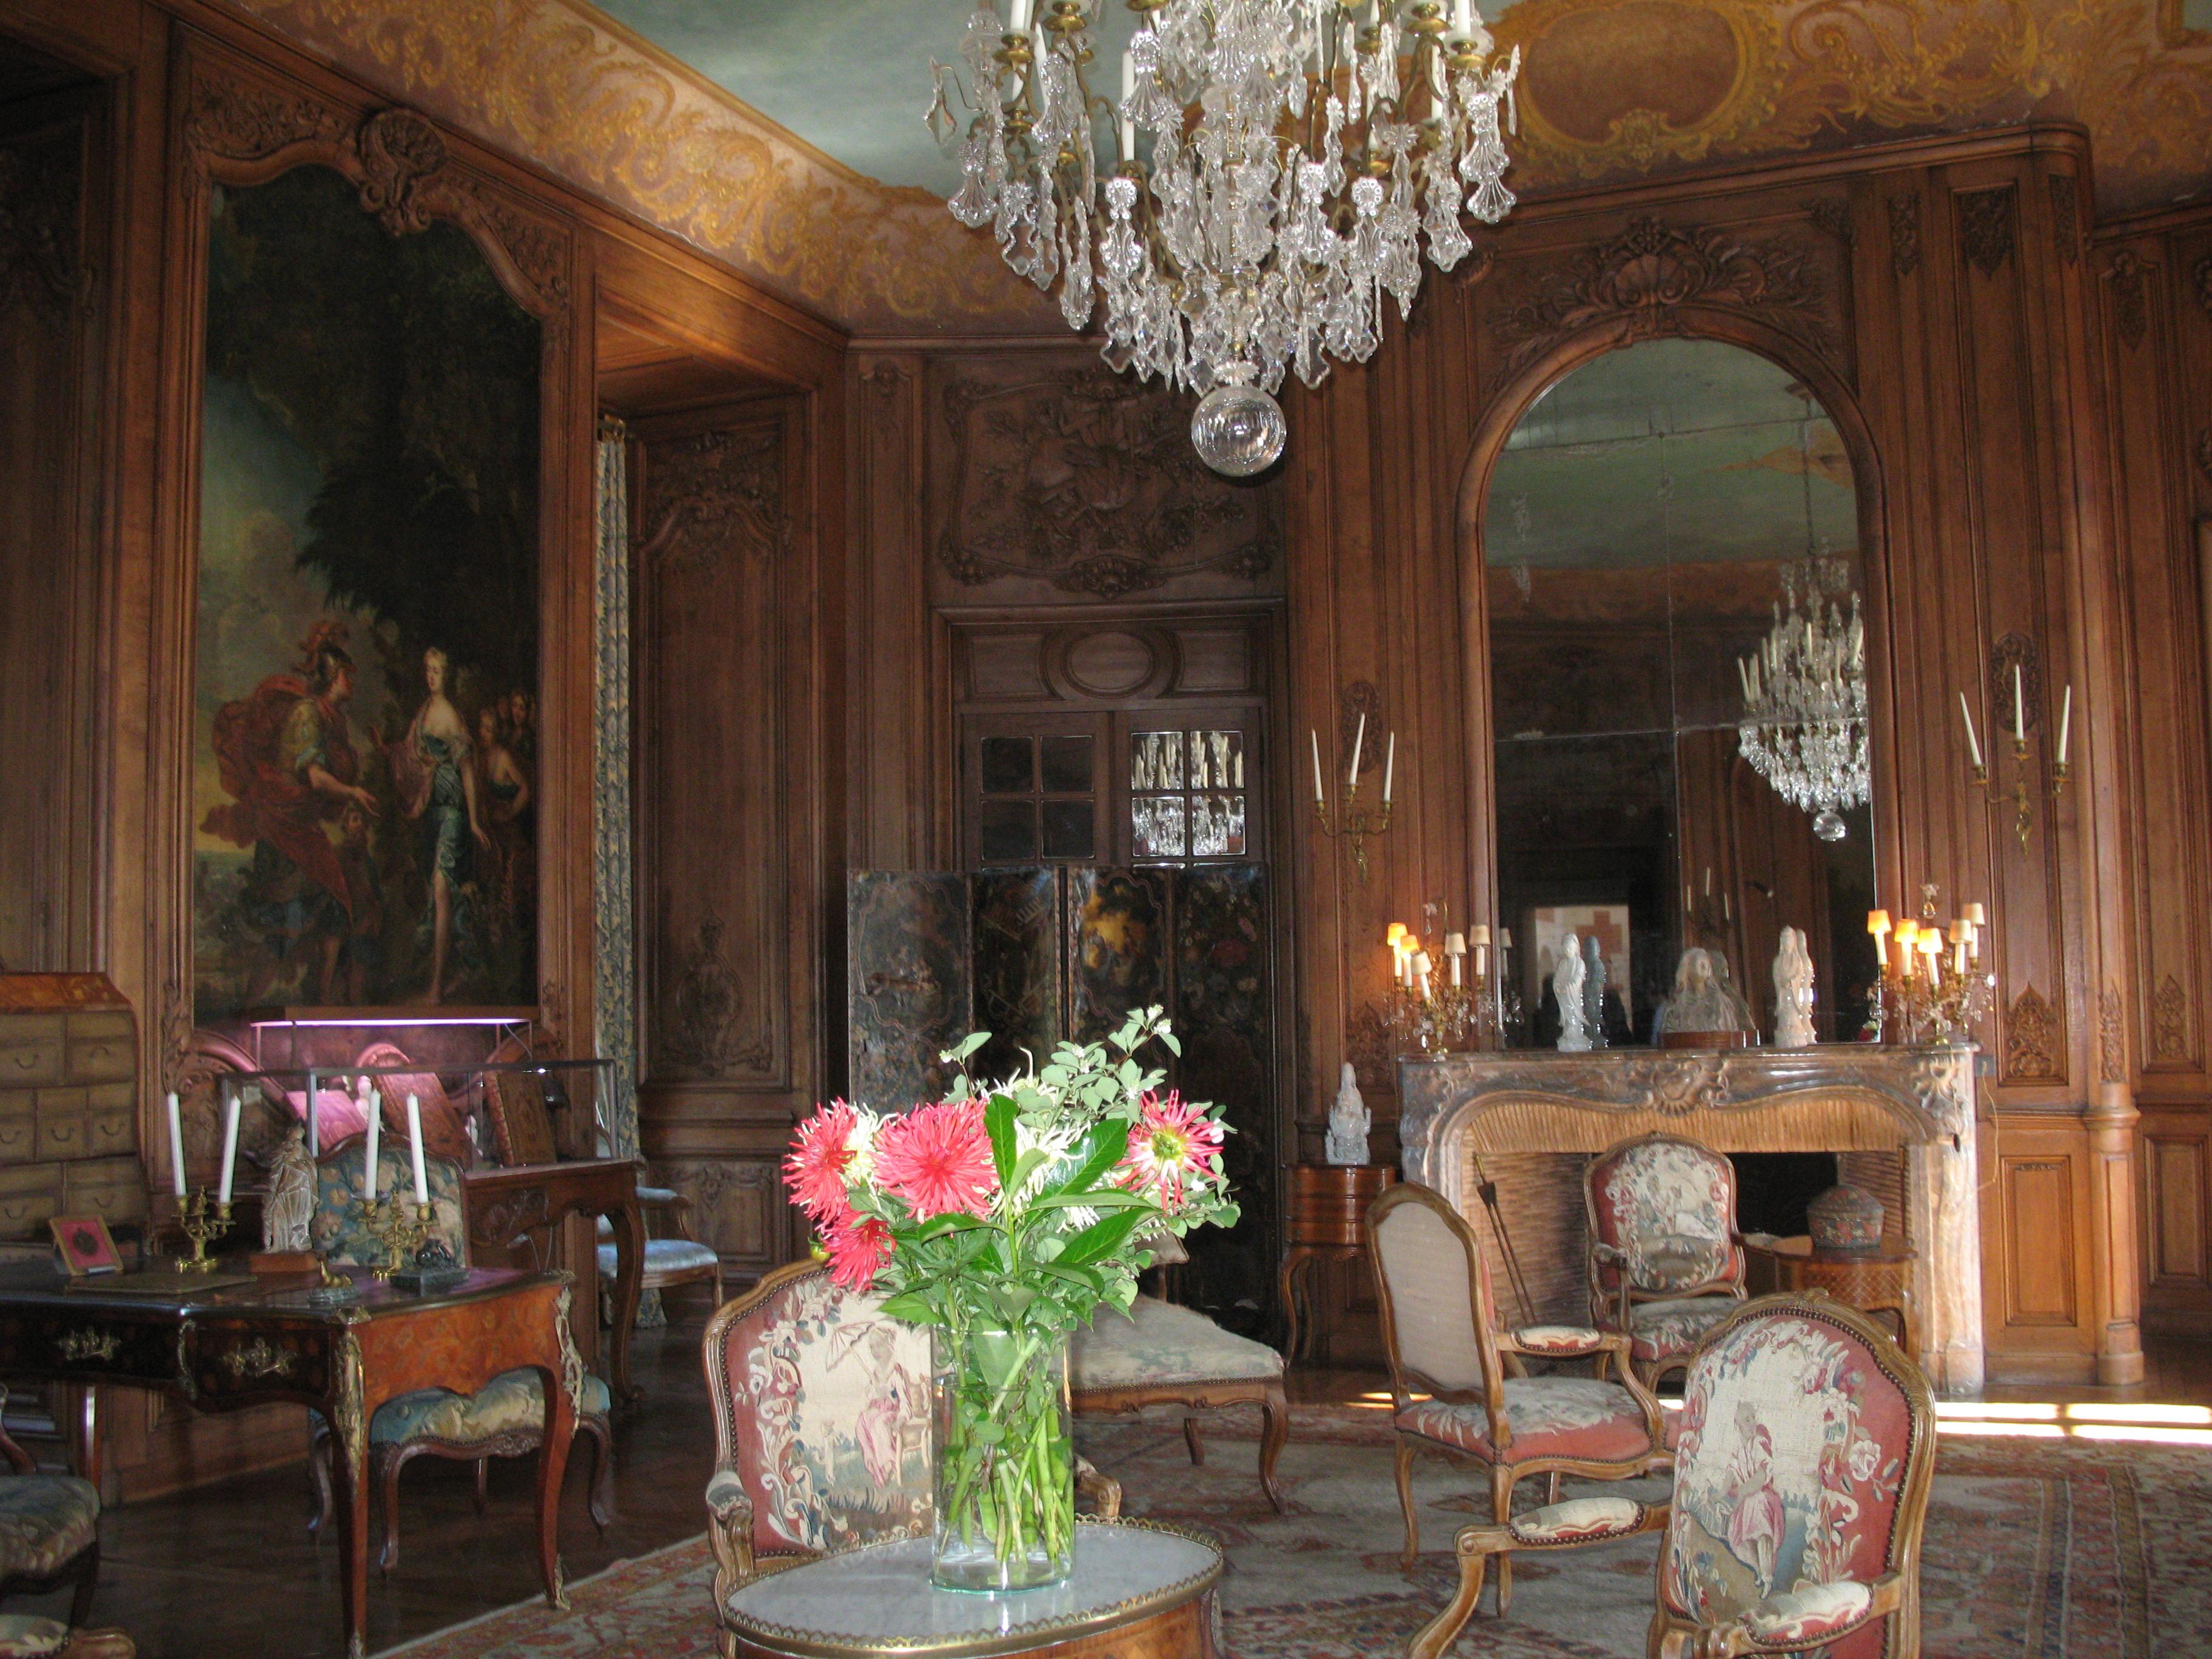 im großen Salon, Foto von PHILDIC, Lizenz: public domain/gemeinfrei